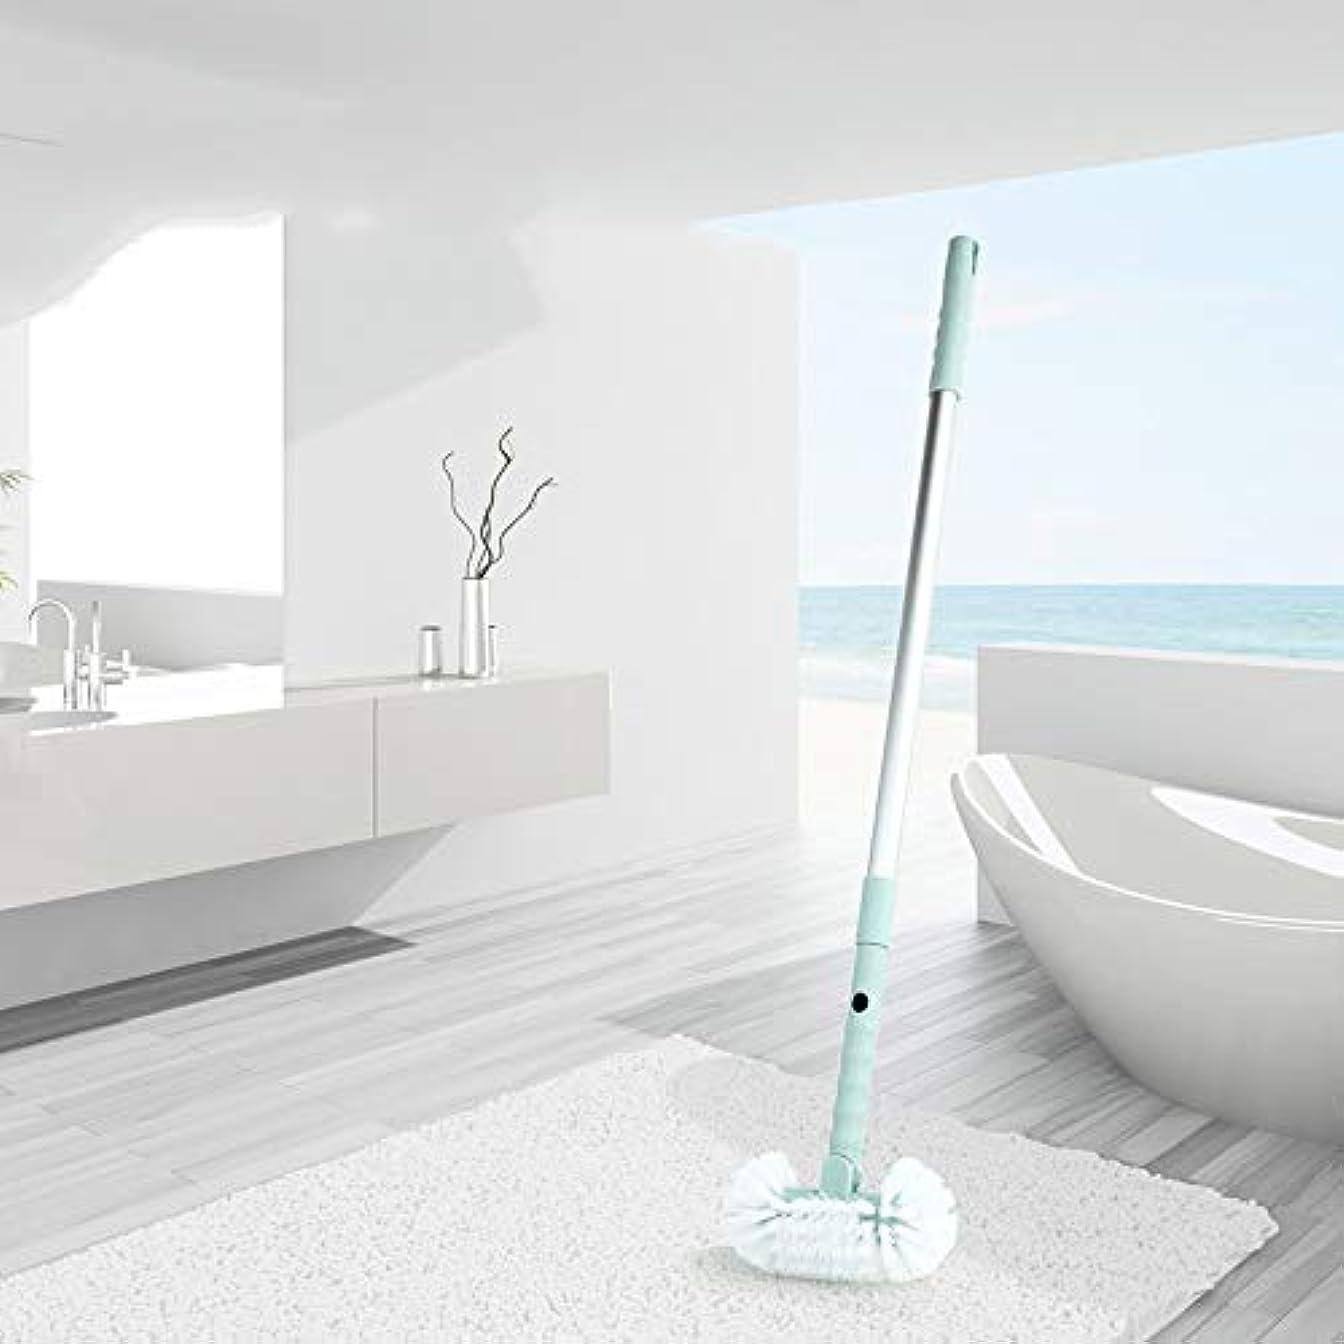 デクリメント一時解雇する人差し指ポアクリーニング ホームバスルーム引き戻し可能なハードブラシトイレ浴室バスタブフロアクリーニングブラシ マッサージブラシ